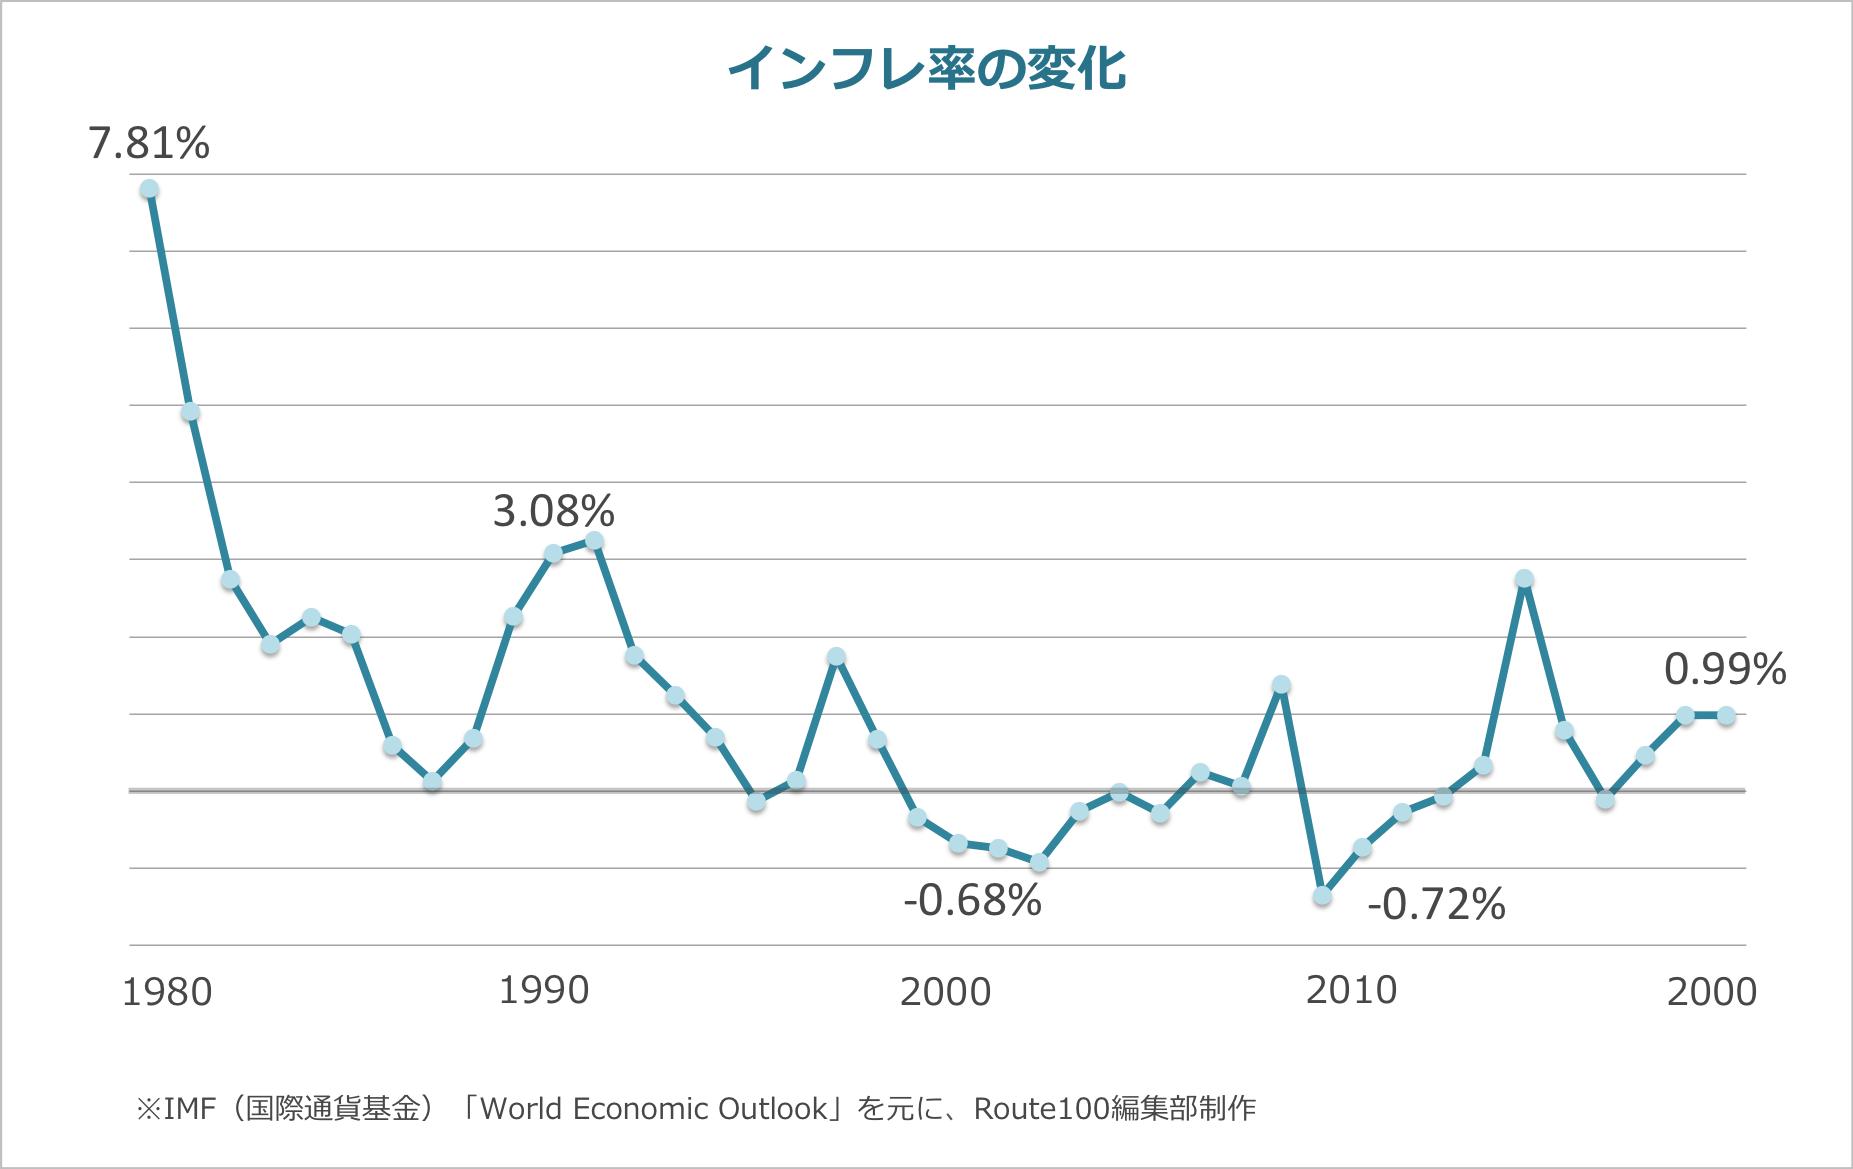 インフレ率の変化